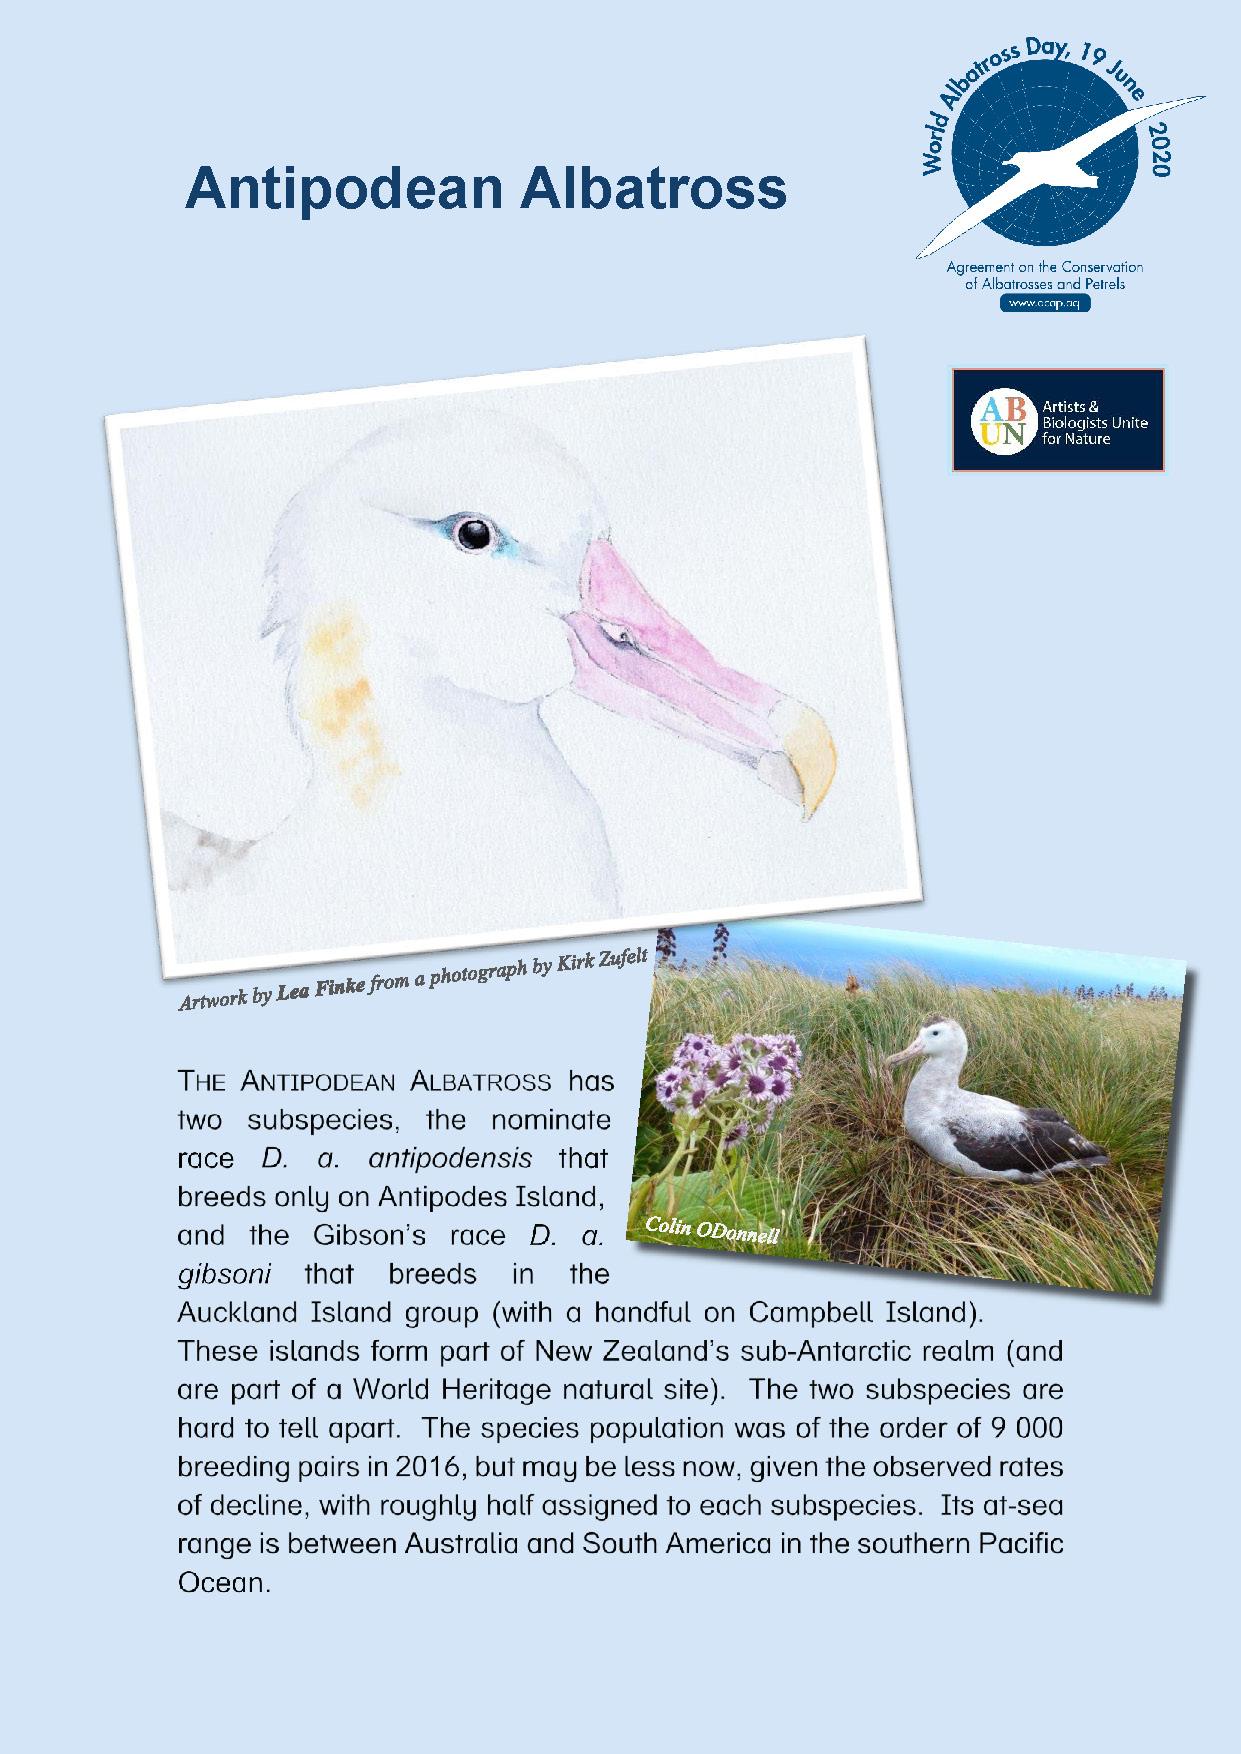 Albatros de las Antípodas